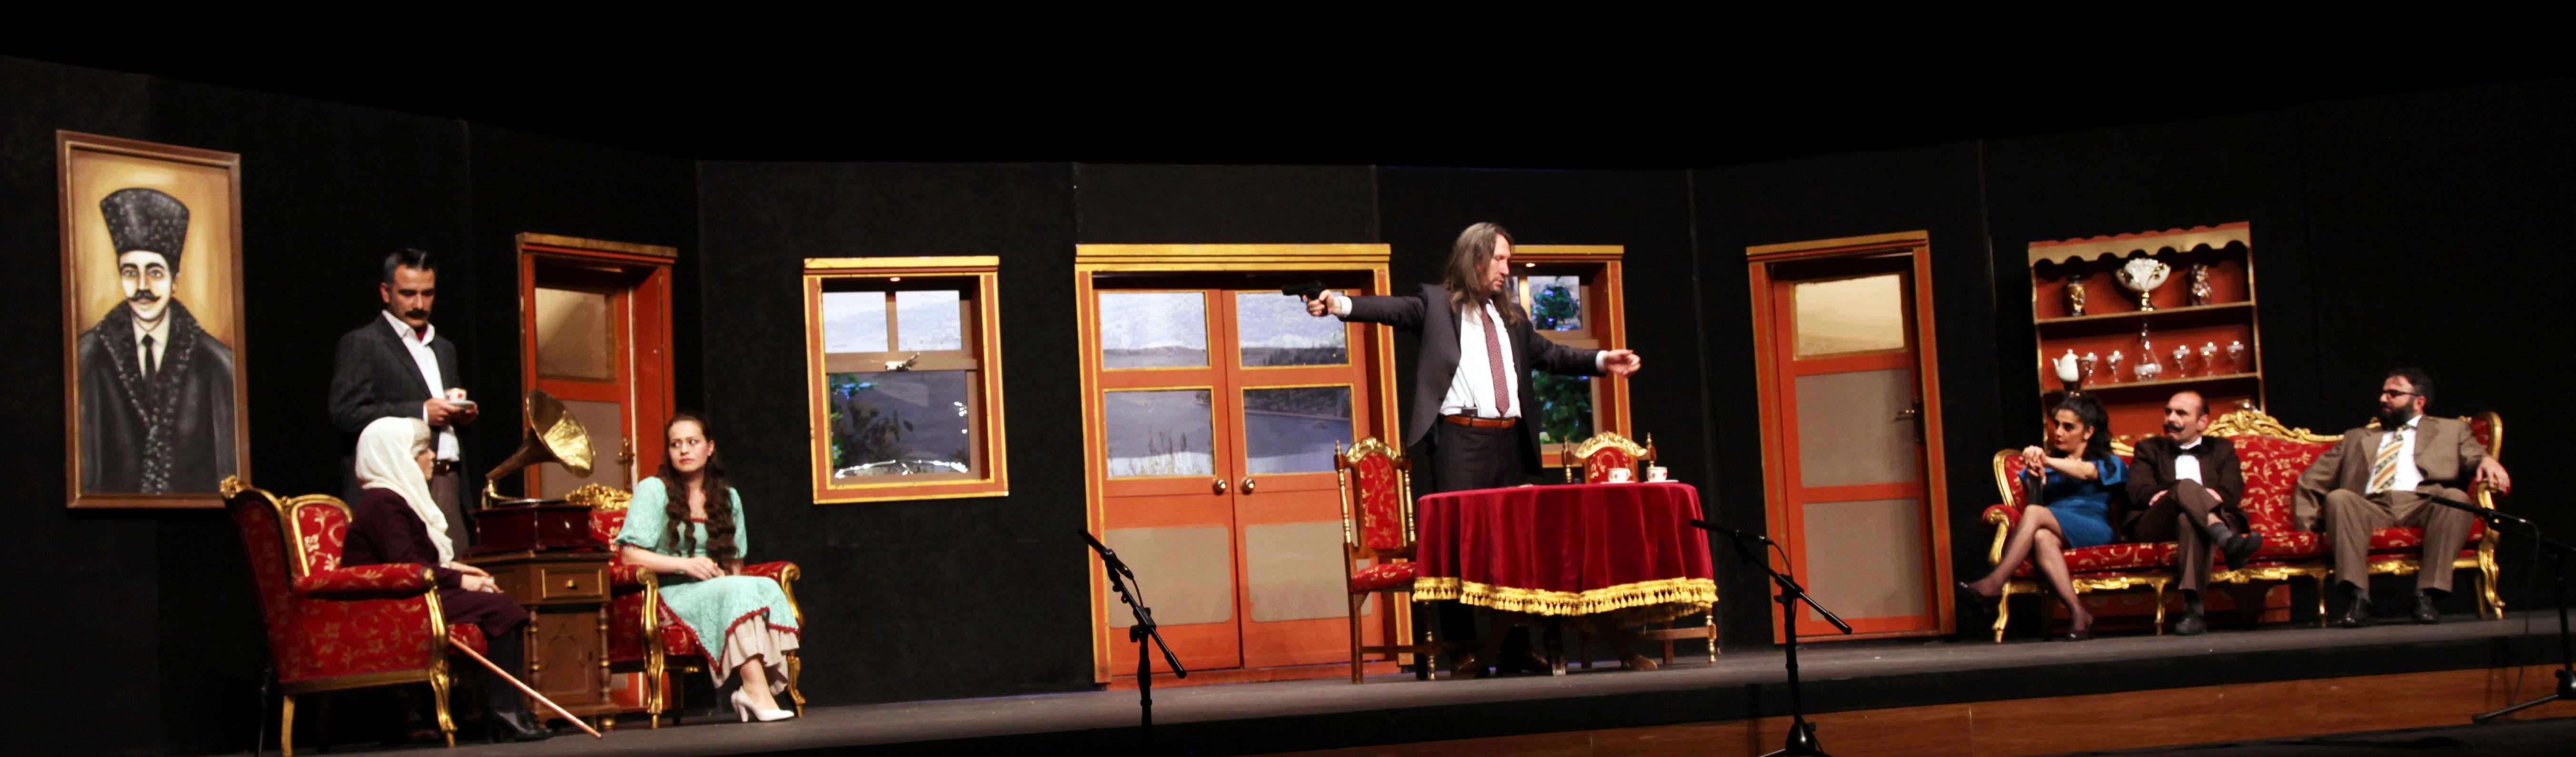 Tiyatro -  (1)